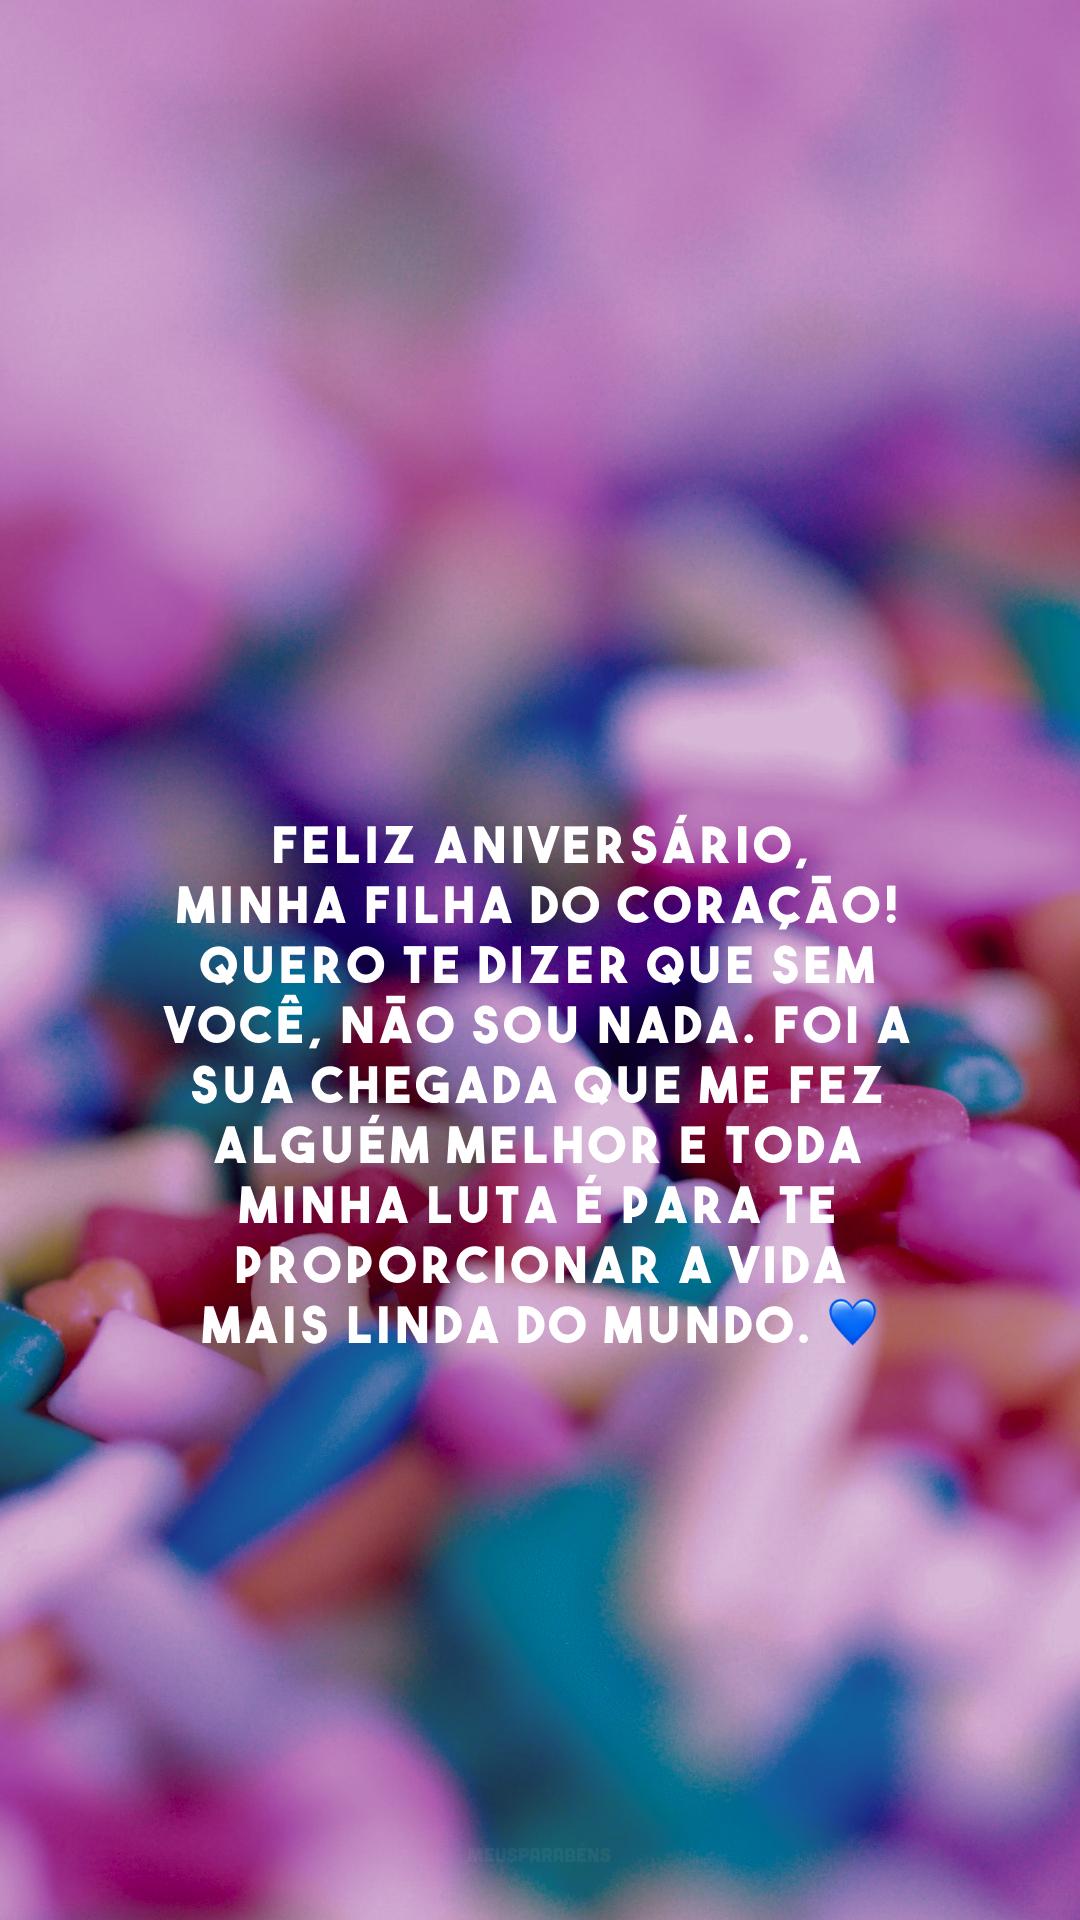 Feliz aniversário, minha filha do coração! Quero te dizer que sem você, não sou nada. Foi a sua chegada que me fez alguém melhor e toda minha luta é para te proporcionar a vida mais linda do mundo. 💙